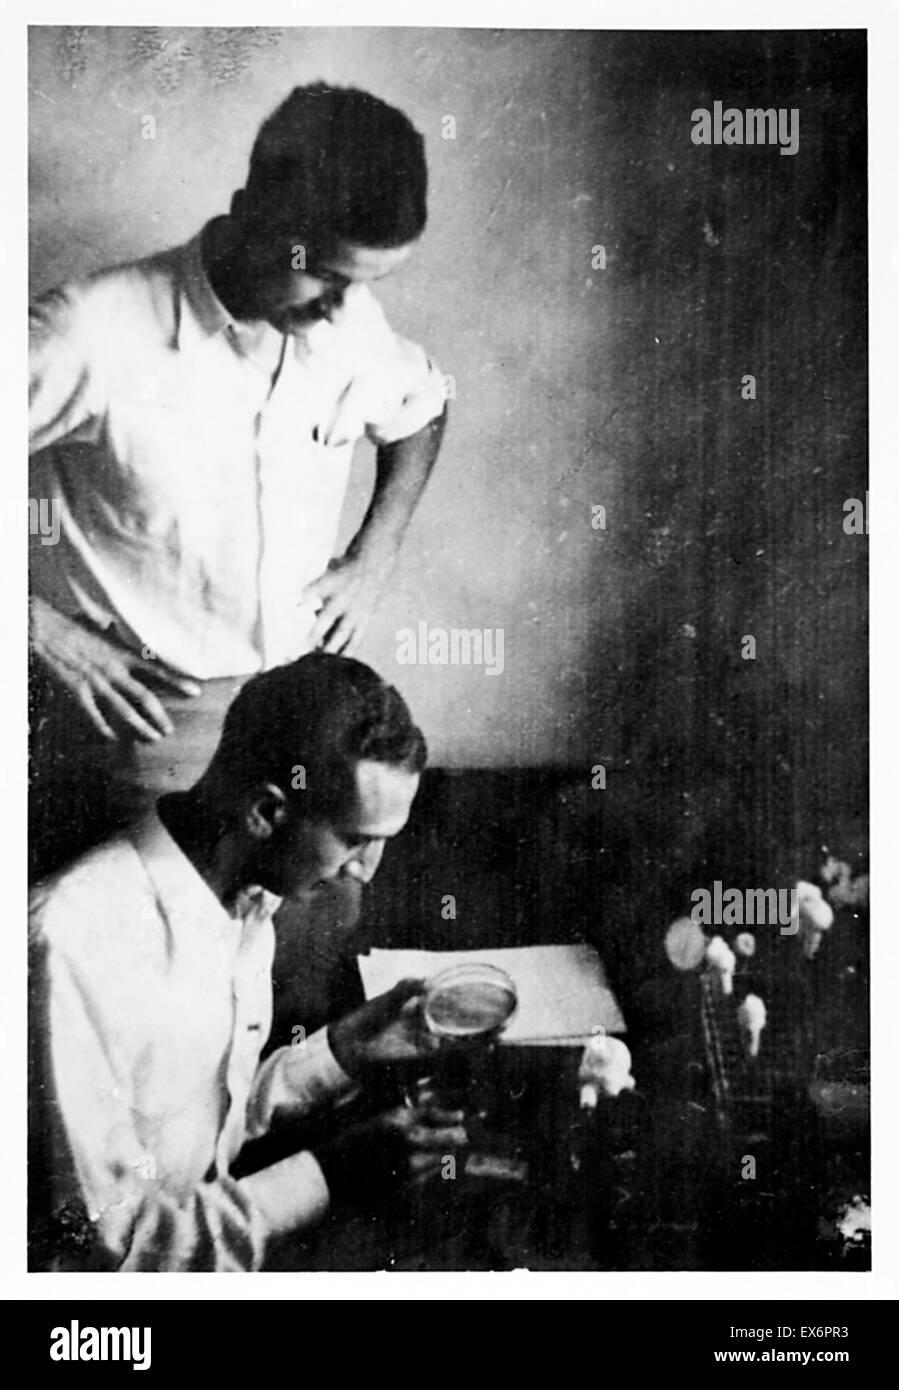 Max Delbruck et Salvador Luria à Cold Spring Harbor Laboratory, 1941. Salvador Edward Luria (1912 - 1991) chercheur en génétique italienne et microbiologiste, plus tard naturalisé citoyen Américain. Il a gagné le Prix Nobel de physiologie ou médecine en 1969 Banque D'Images